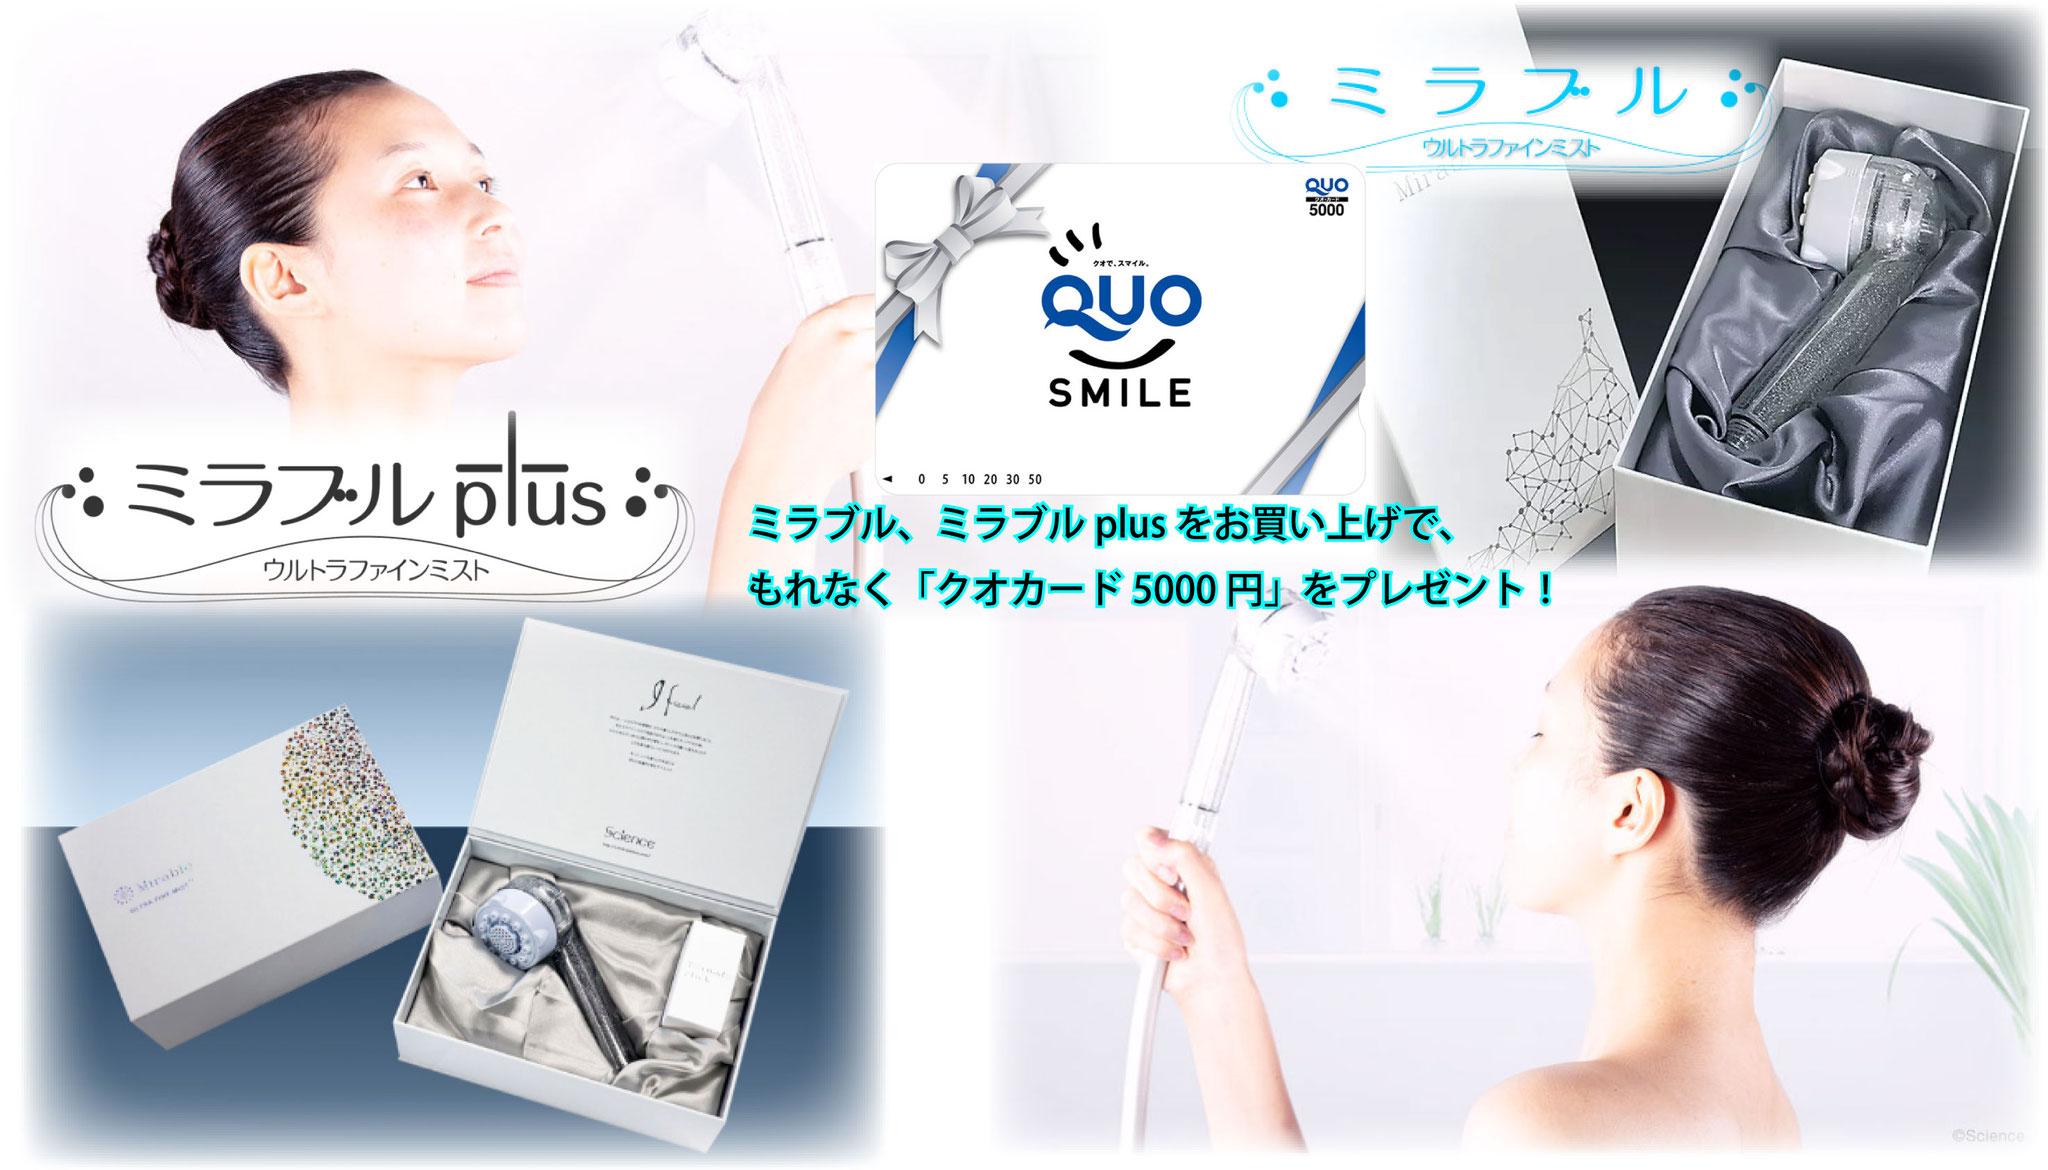 ミラブル、ミラブルPlusをご購入で5,000円QUOカードをプレゼント!